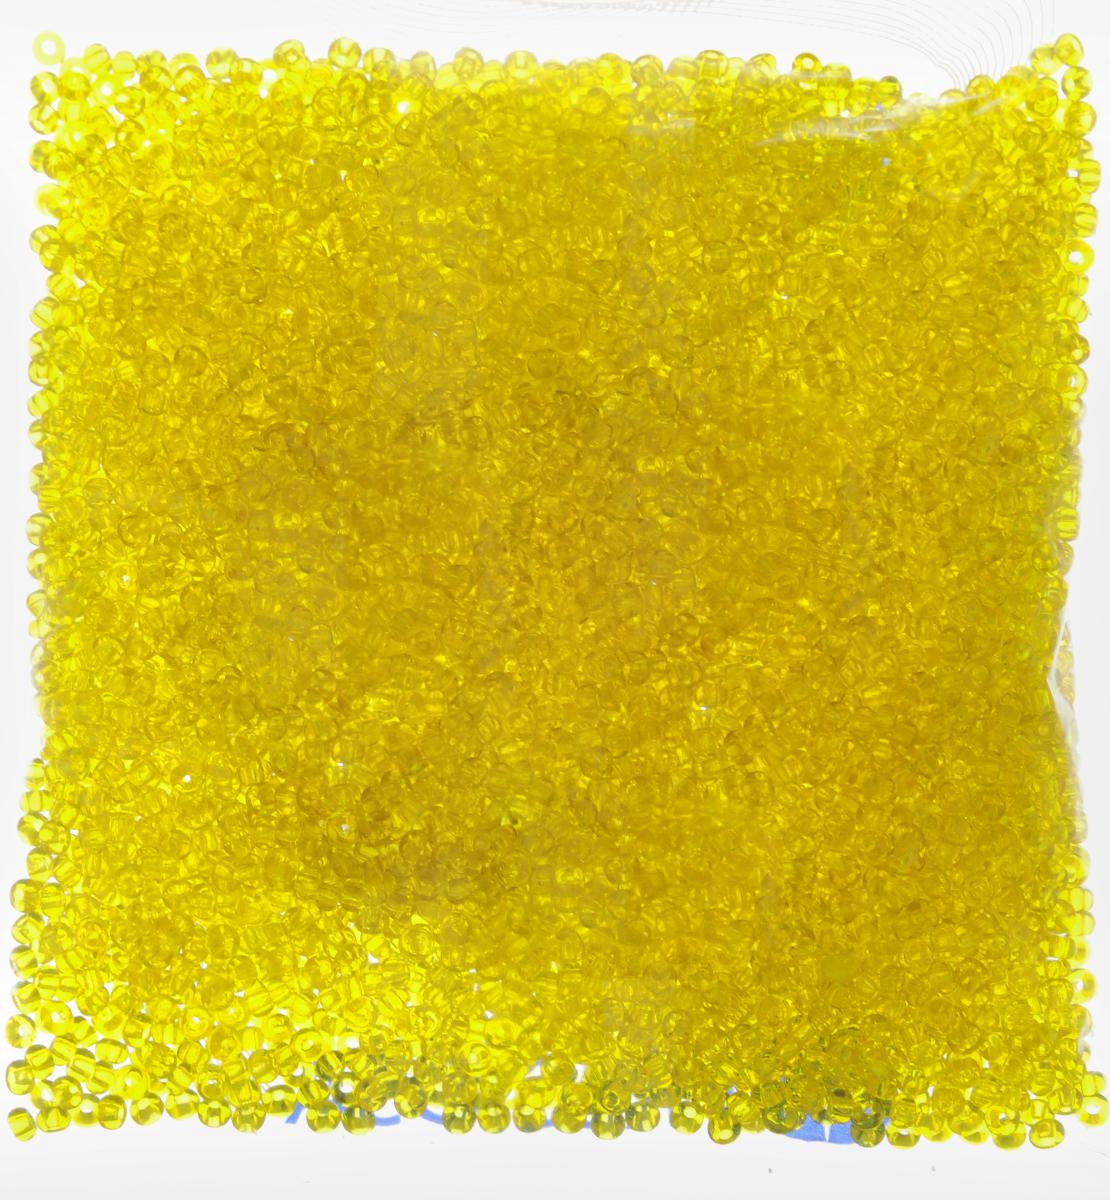 Бисер Preciosa Ассорти, прозрачный, цвет: янтарный (10), 10/0, 50 г. 163142163142_19_янтарныйБисер Preciosa Ассорти, изготовленный из прозрачного стекла круглой формы, позволит вам своими руками создать оригинальные ожерелья, бусы или браслеты, а также заняться вышиванием. В бисероплетении часто используют бисер разных размеров и цветов. Он идеально подойдет для вышивания на предметах быта и женской одежде. Изготовление украшений - занимательное хобби и реализация творческих способностей рукодельницы, это возможность создания неповторимого индивидуального подарка.